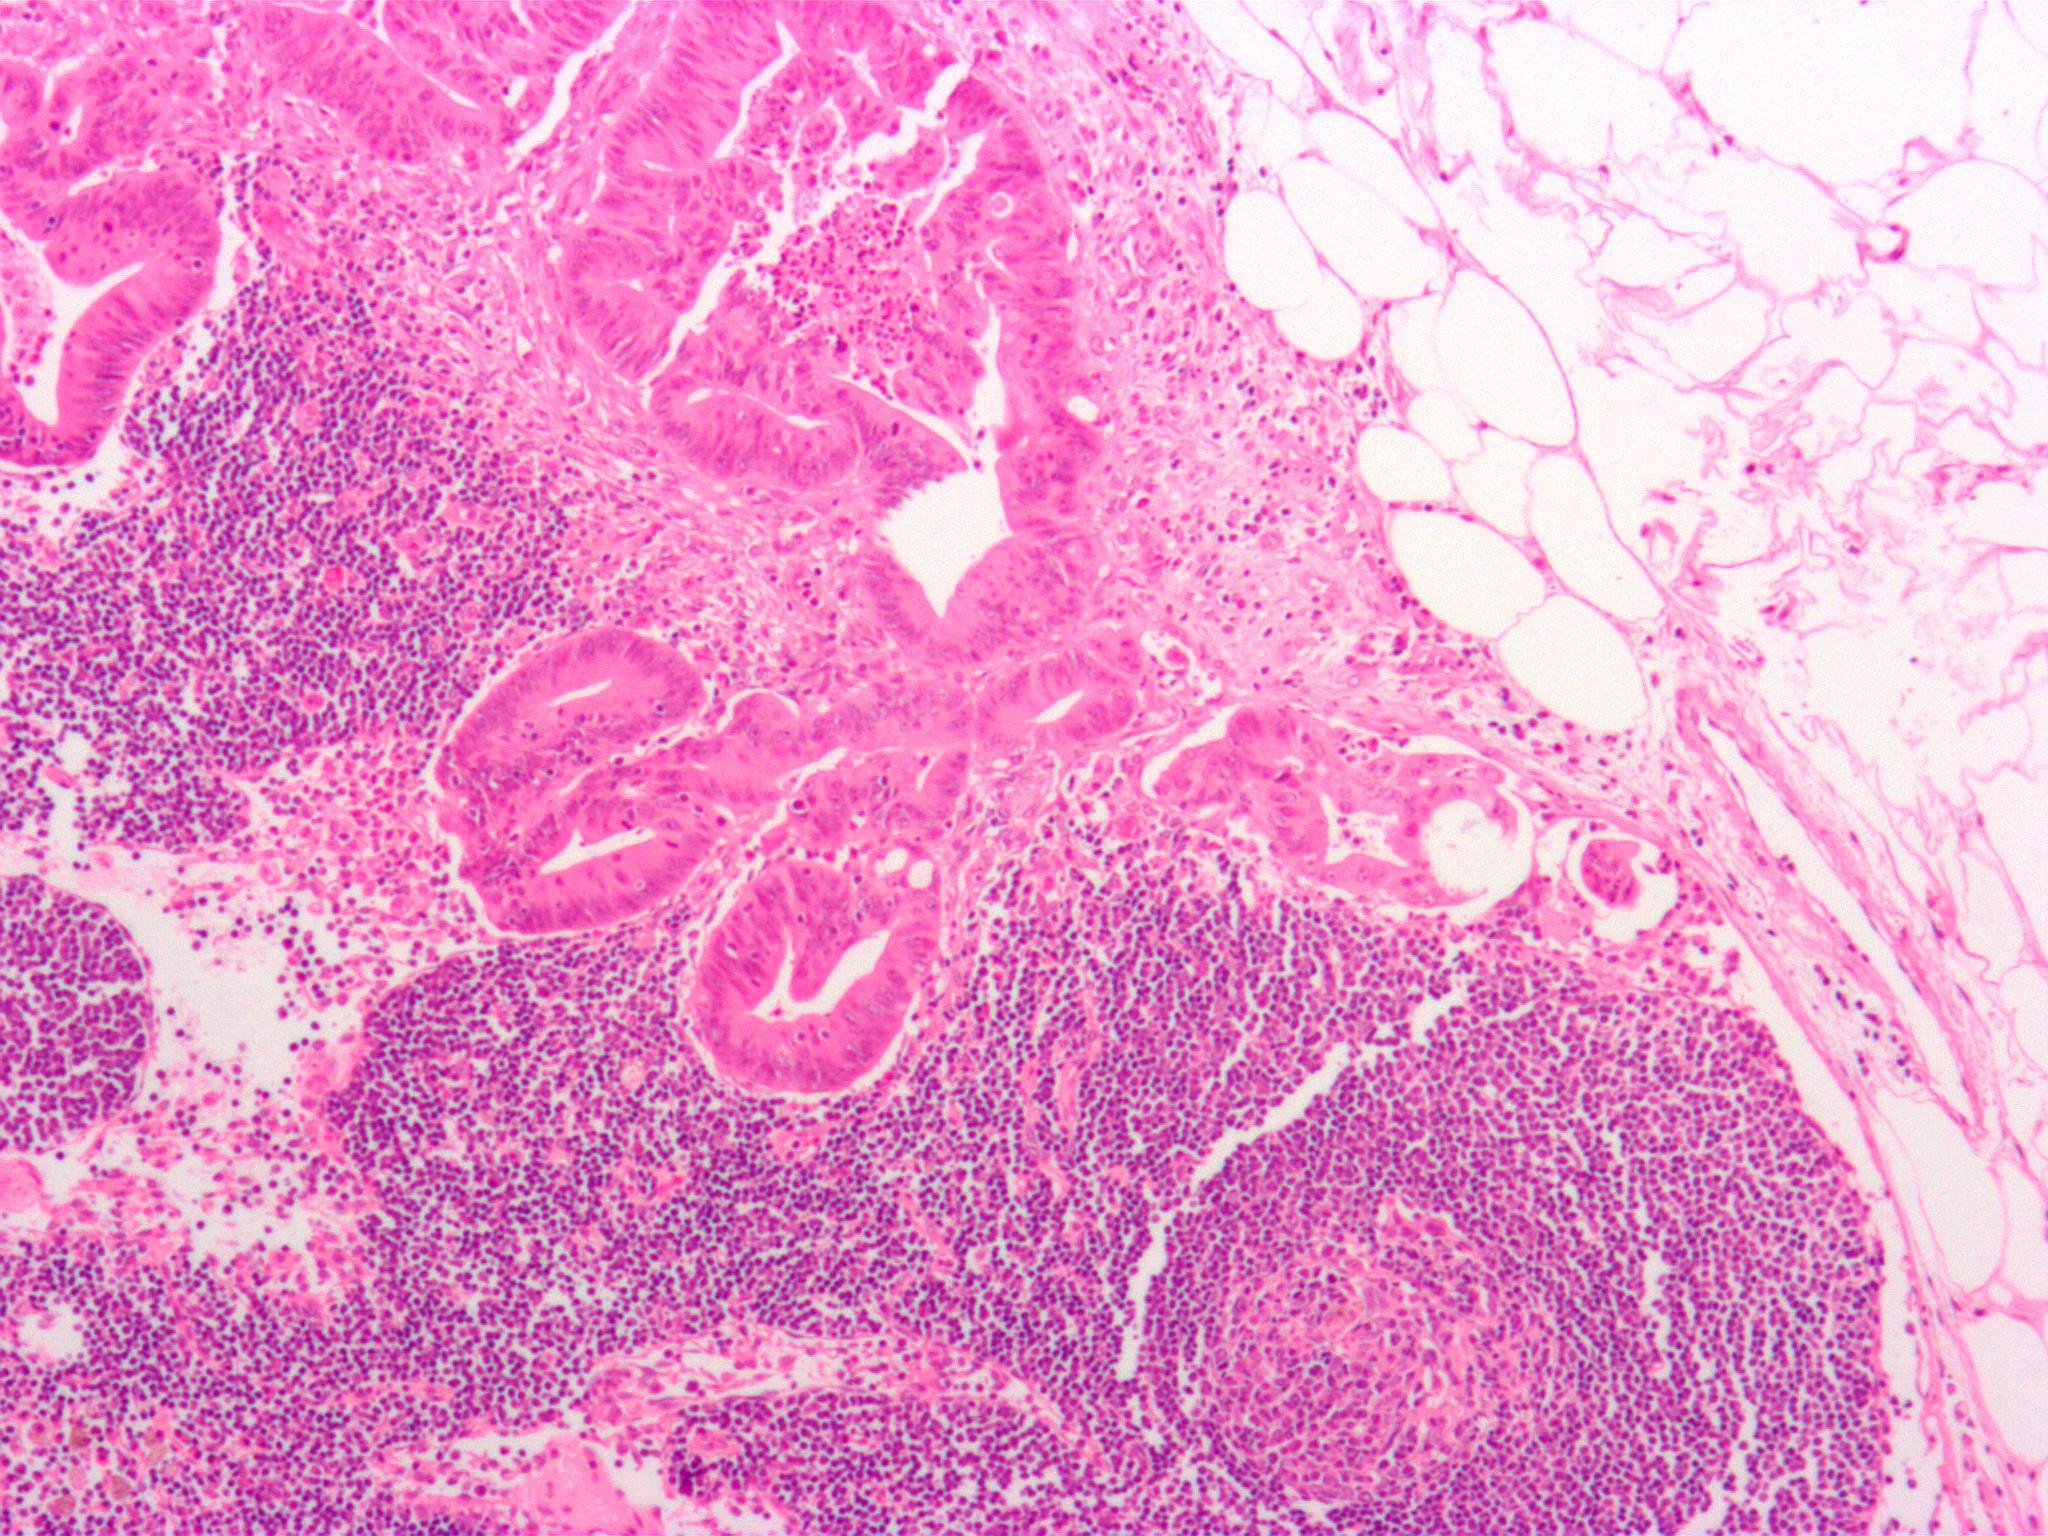 Científicos identifican una nueva diana terapéutica contra el cáncer colorrectal